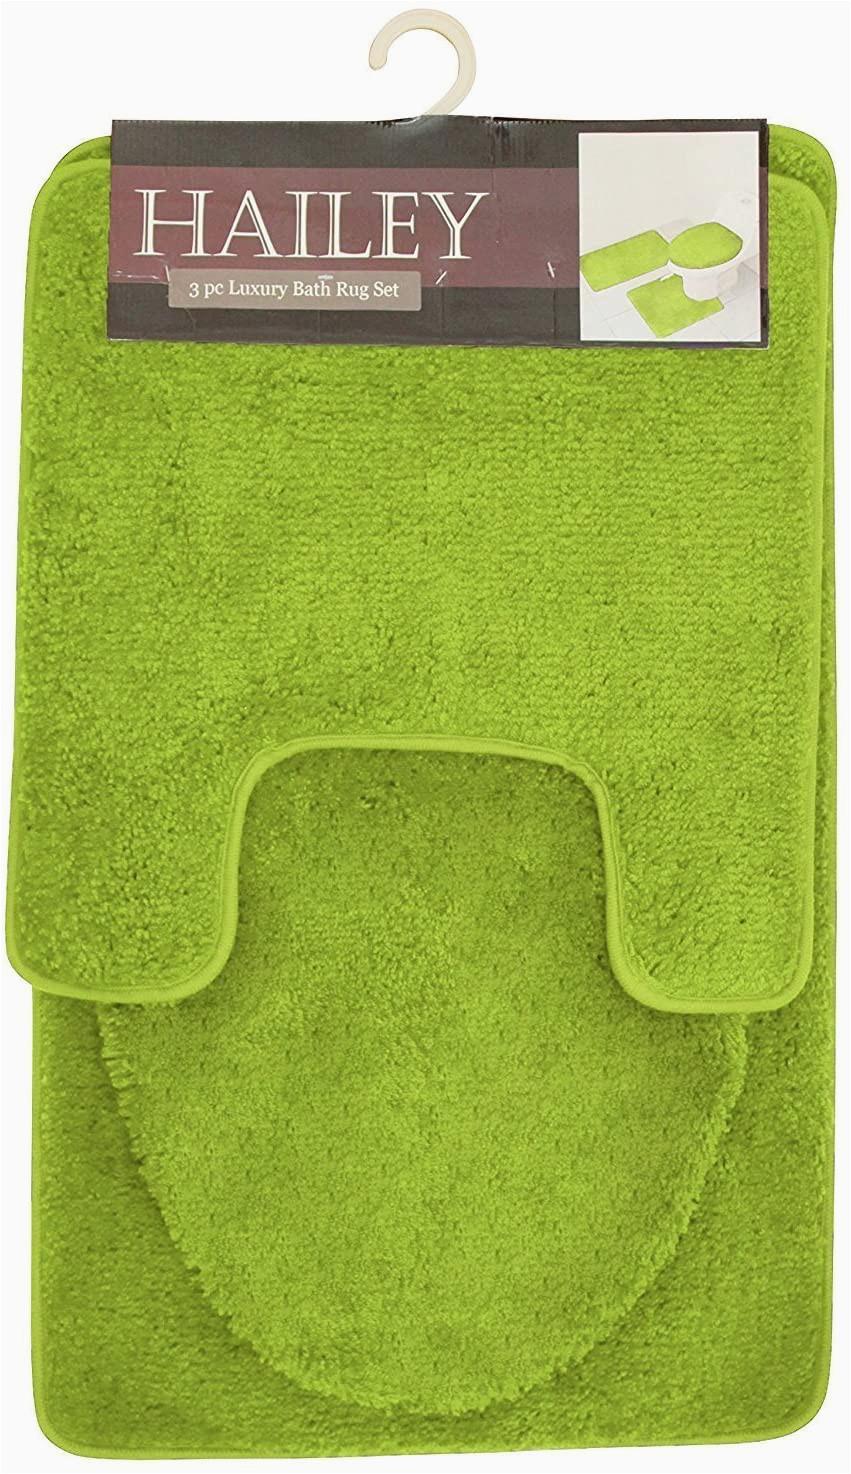 Bathroom Rugs Lime Green Hailey 3 Piece Bath Rug Set Lime